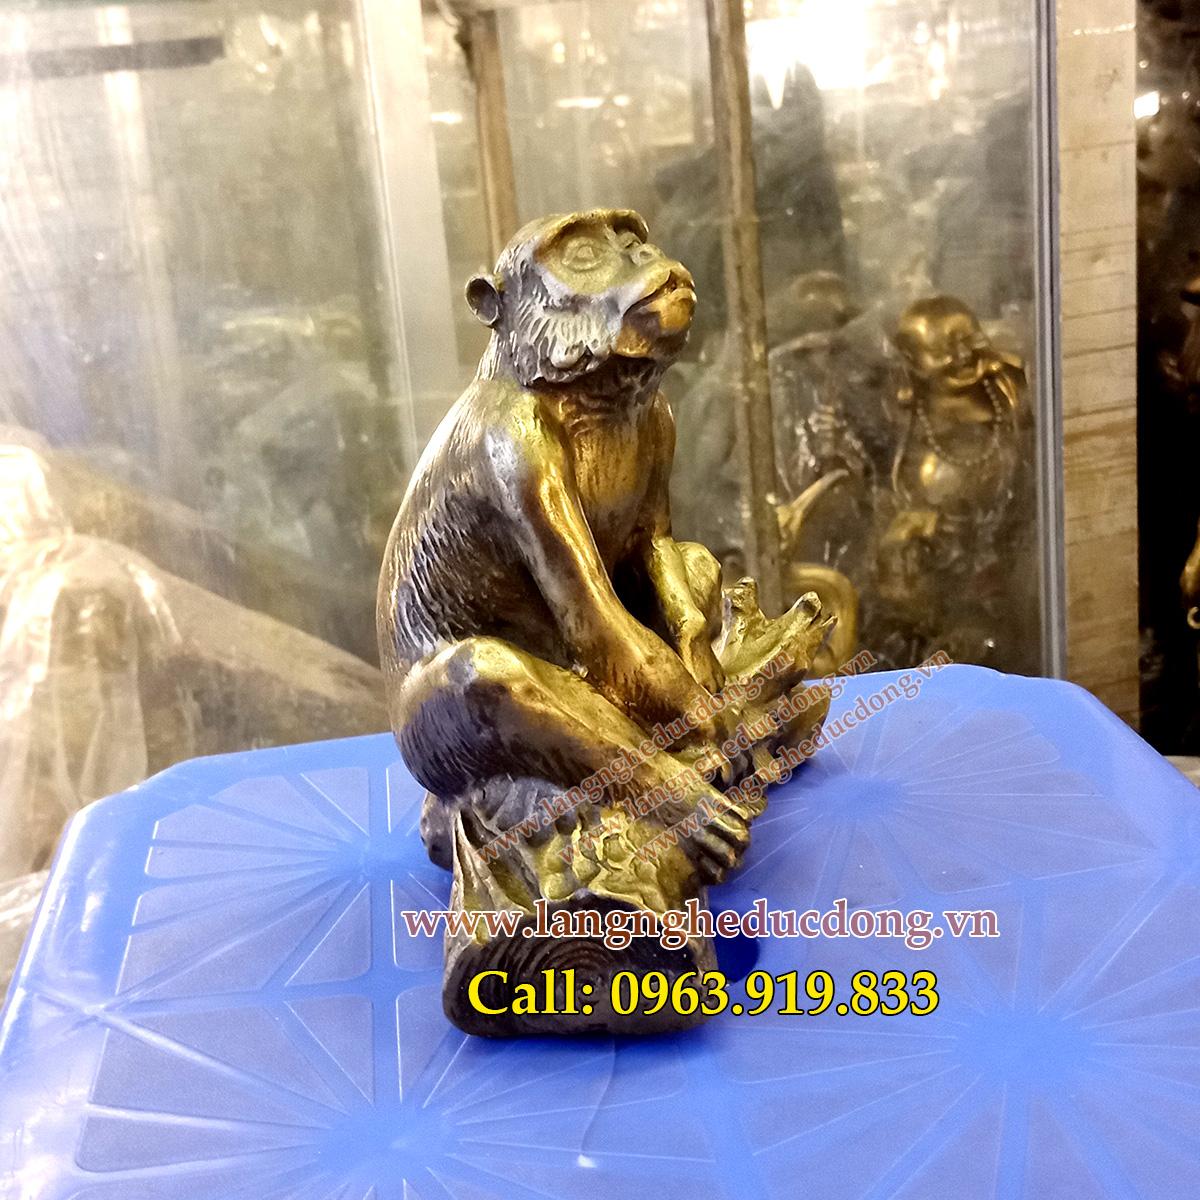 langngheducdong.vn - tượng khỉ đồng, mẫu tượng khỉ bằng đồng, vật phẩm phong thủy bằng đồng